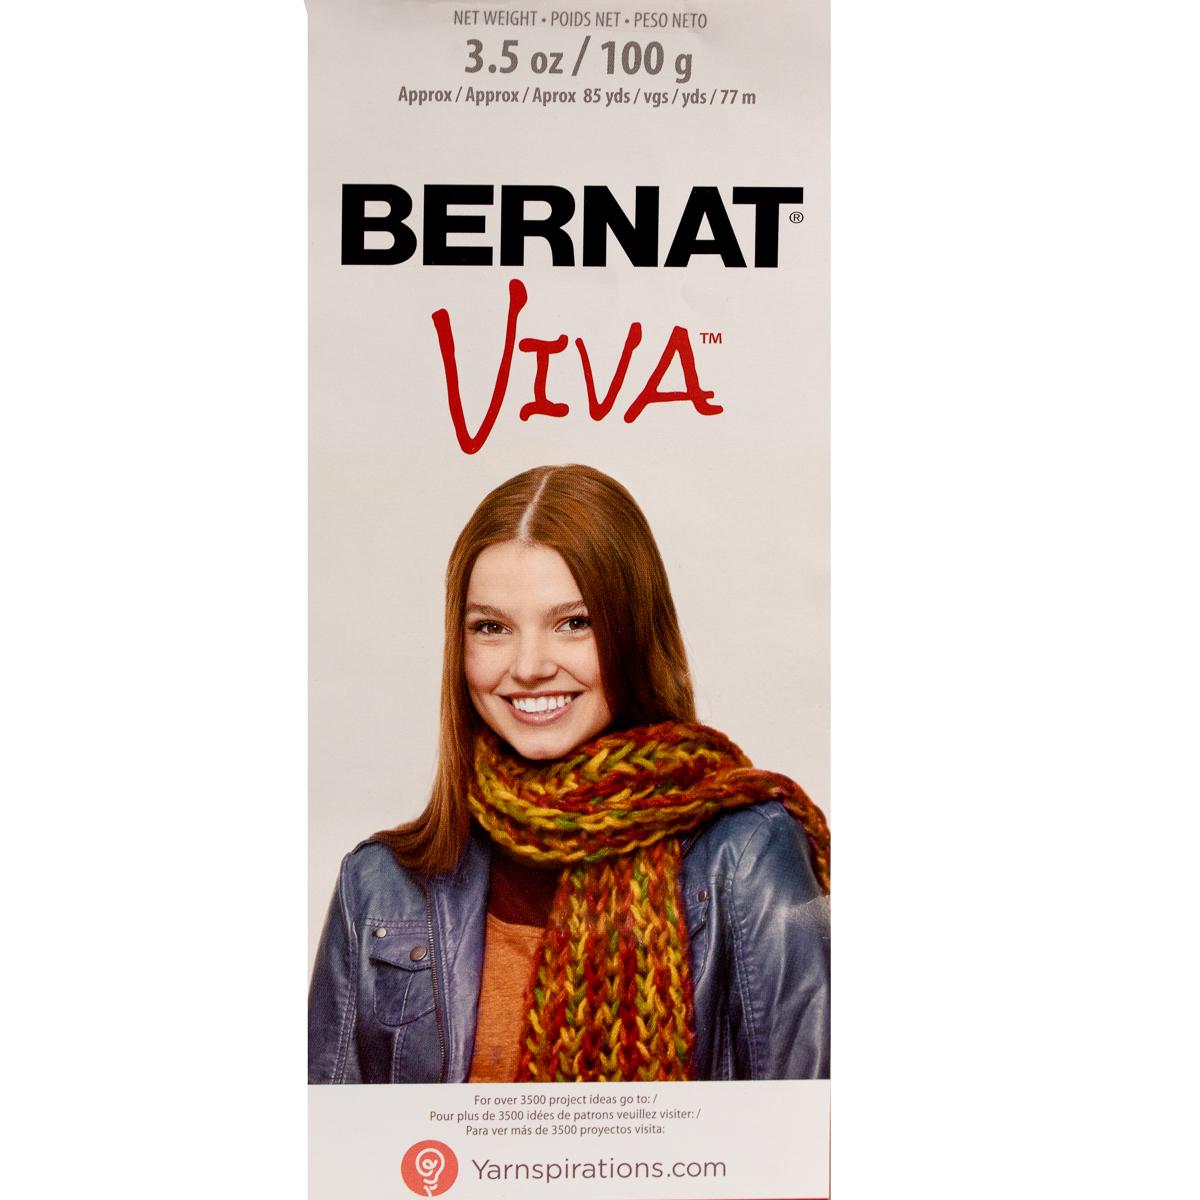 3pk-Bernat-Viva-Acrylic-Blend-Yarn-Super-Bulky-6-Knitting-Crochet-Skeins-Soft thumbnail 10